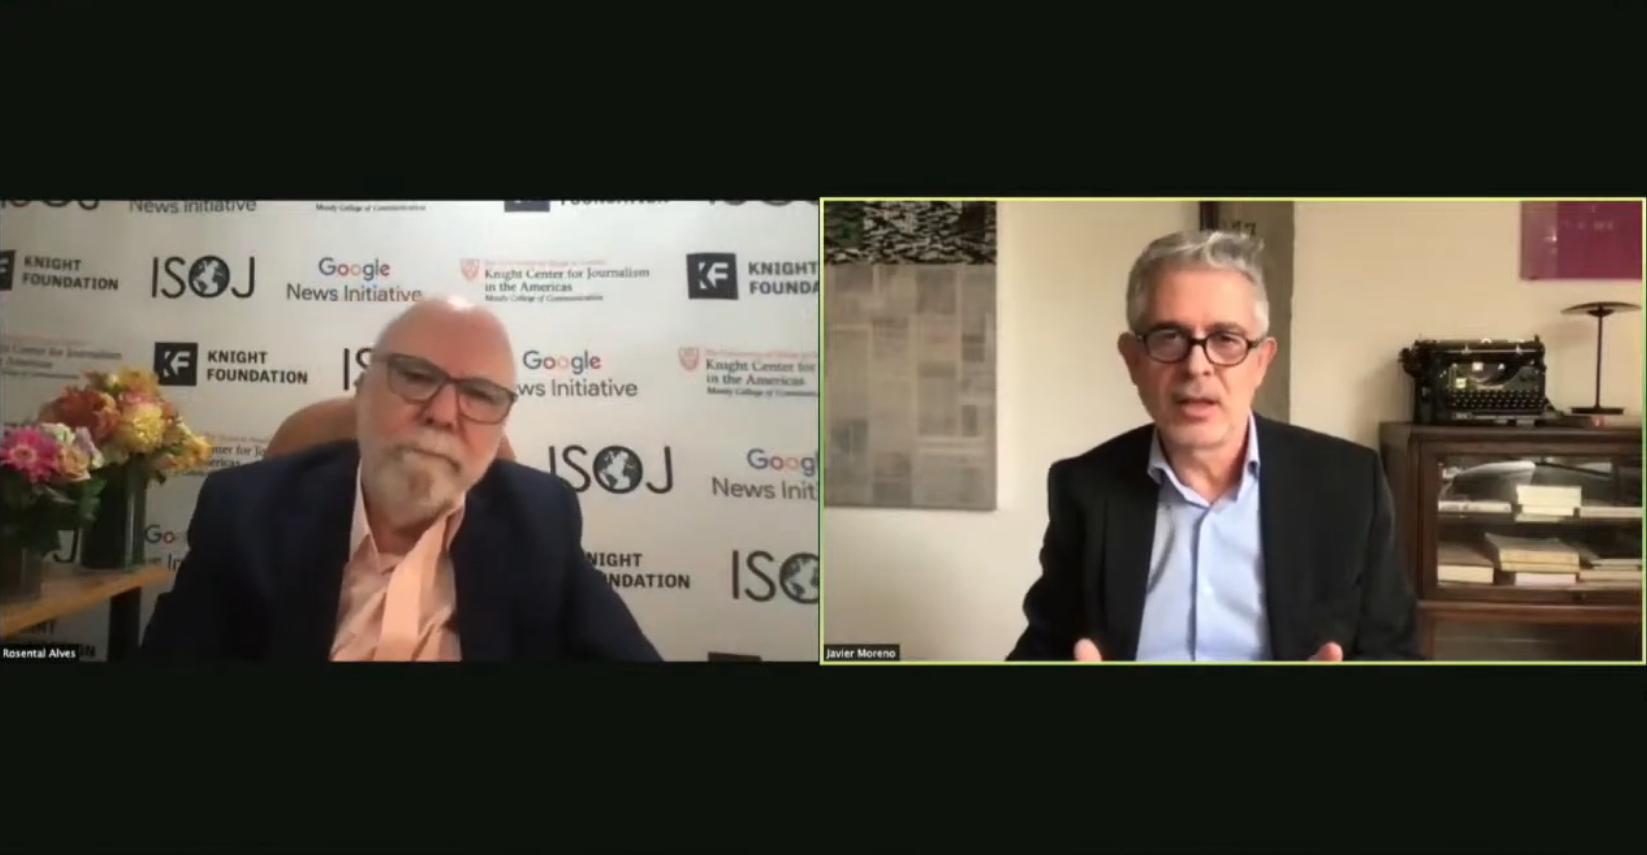 Rosental Alves e Javier Moreno no 14º Colóquio Ibero-Americano de Jornalismo Digital